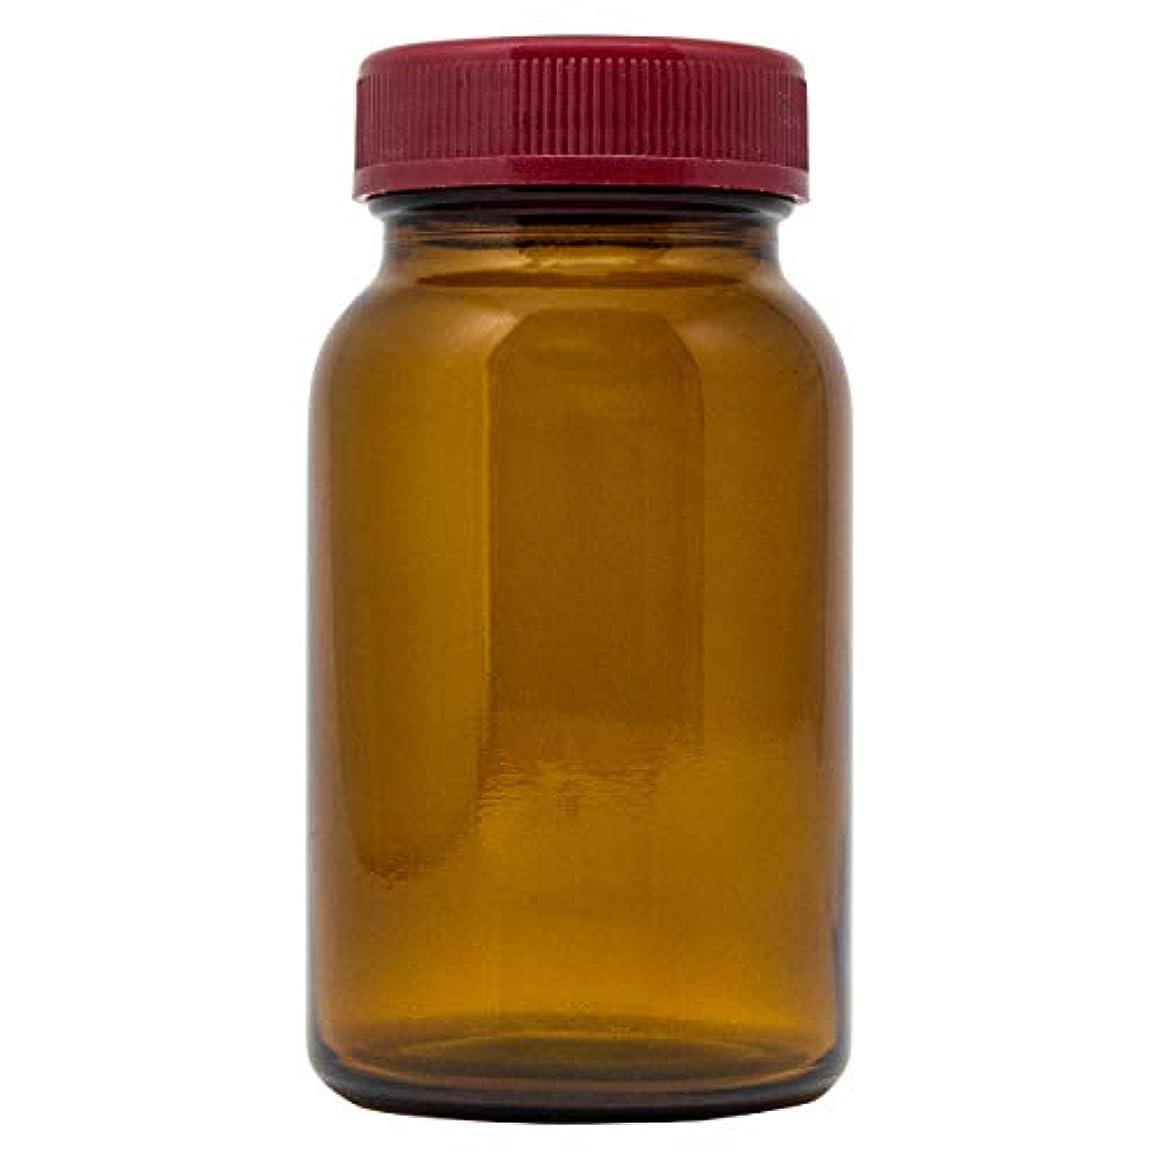 稚魚即席円形広口ガラス瓶 120ml